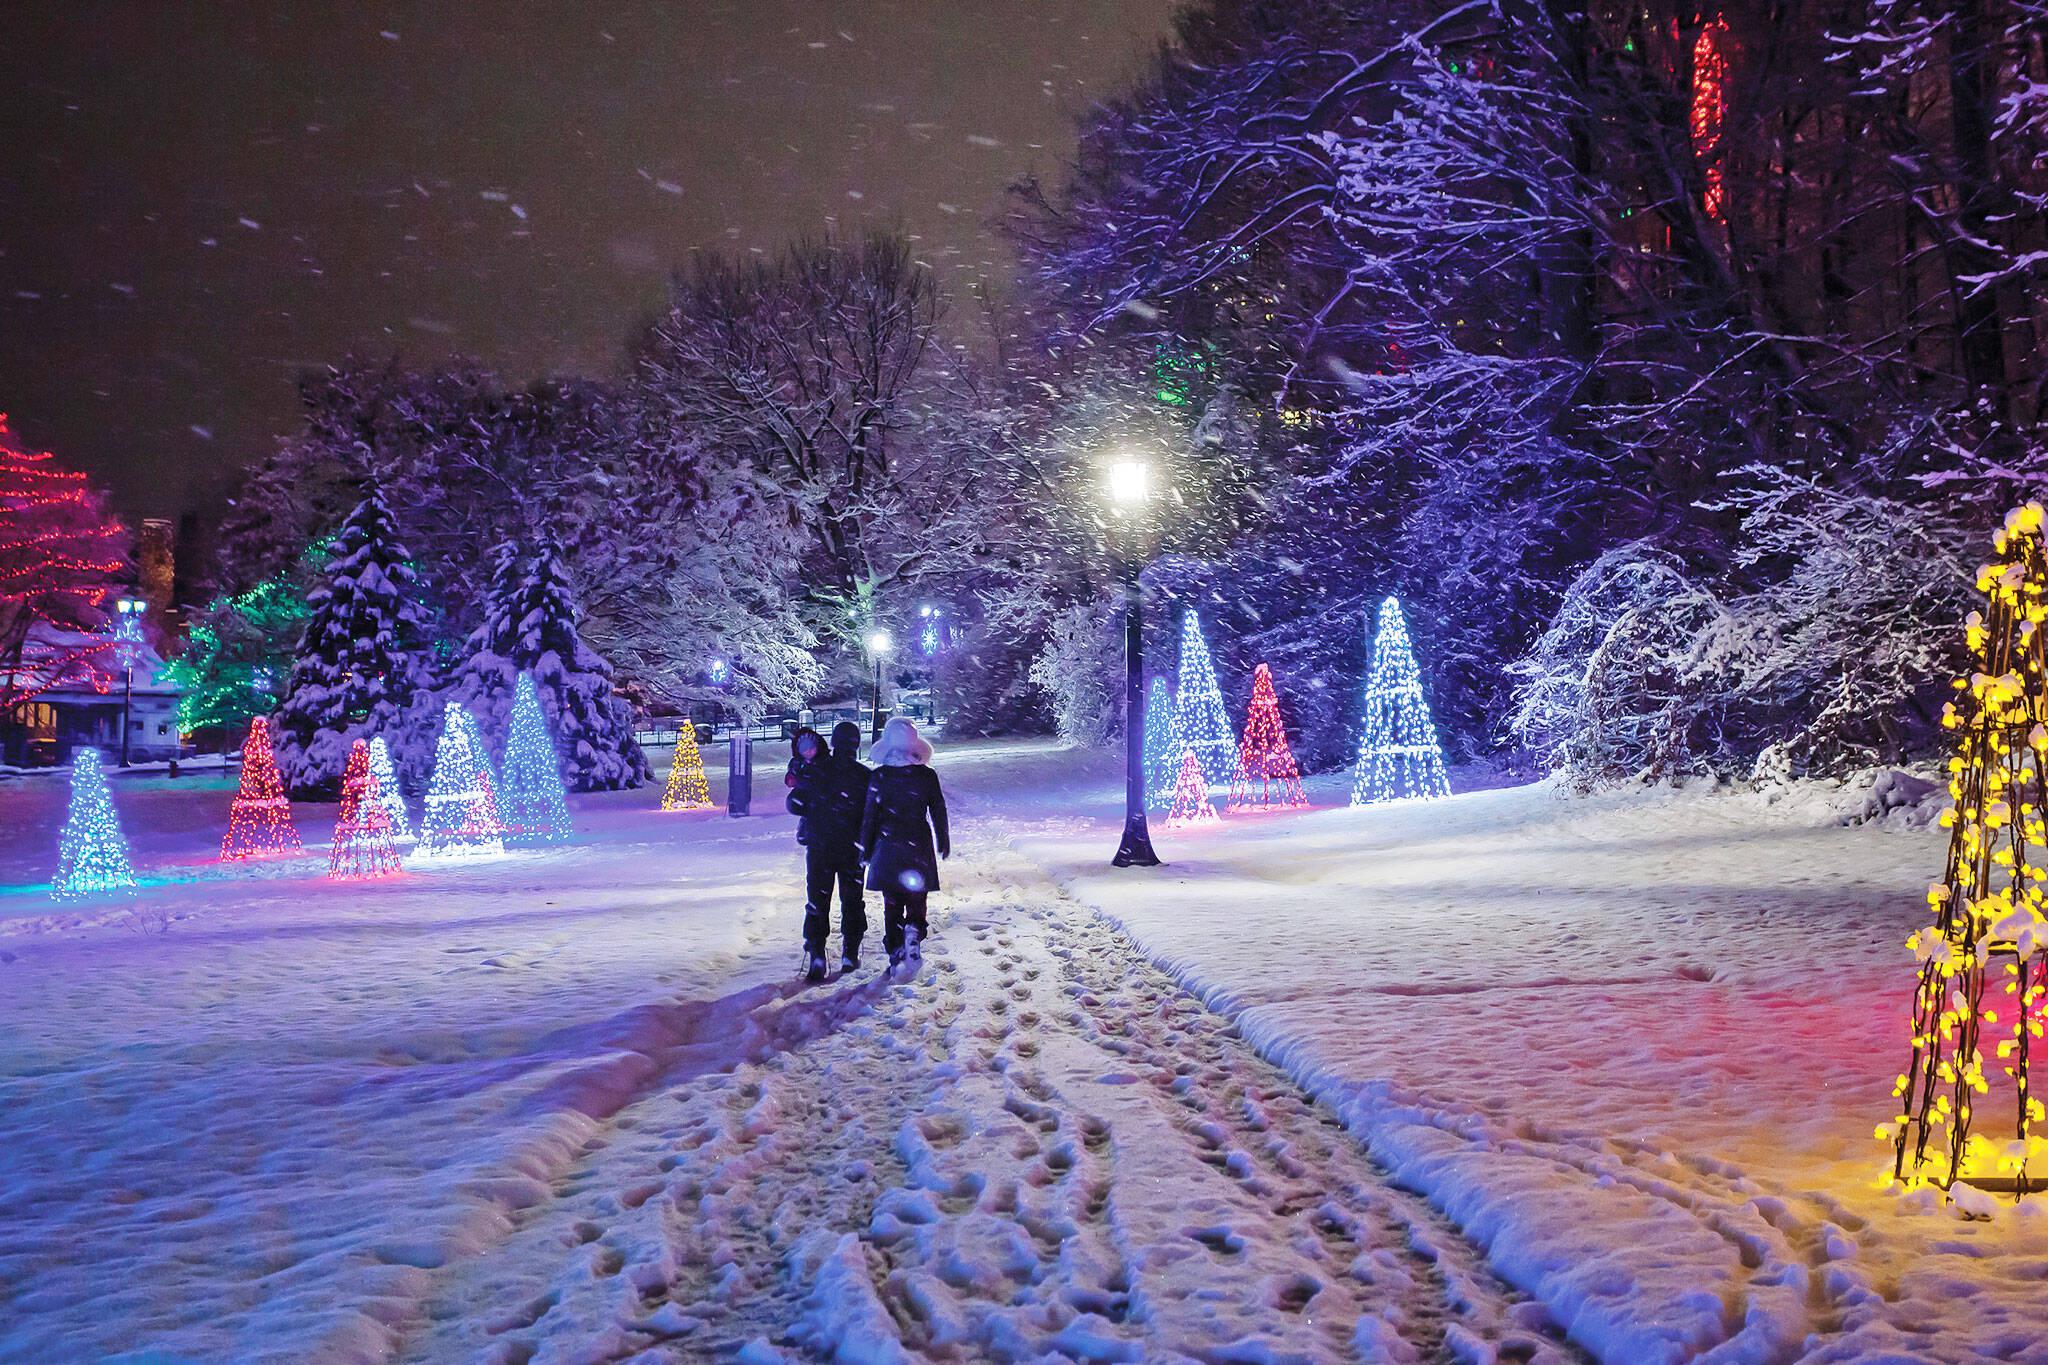 niagara falls festival of lights 2021